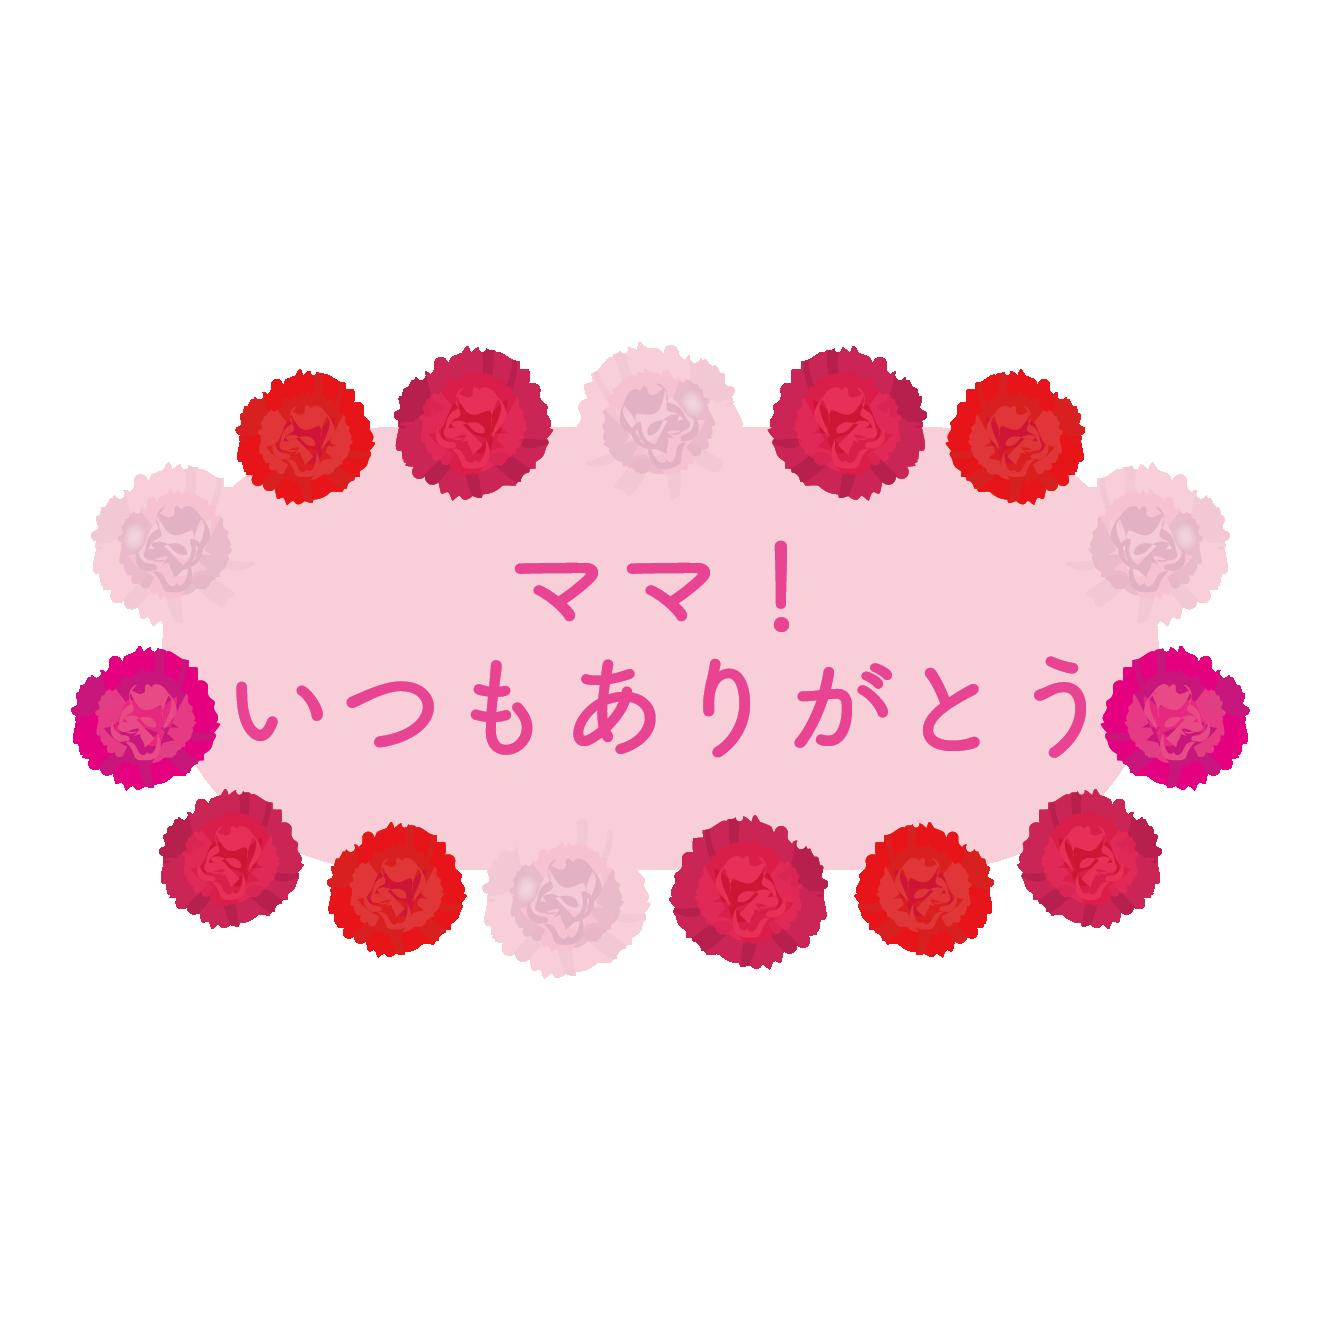 ママ!いつもありがとうのロゴ(文字)のイラスト【母の日】 | 商用